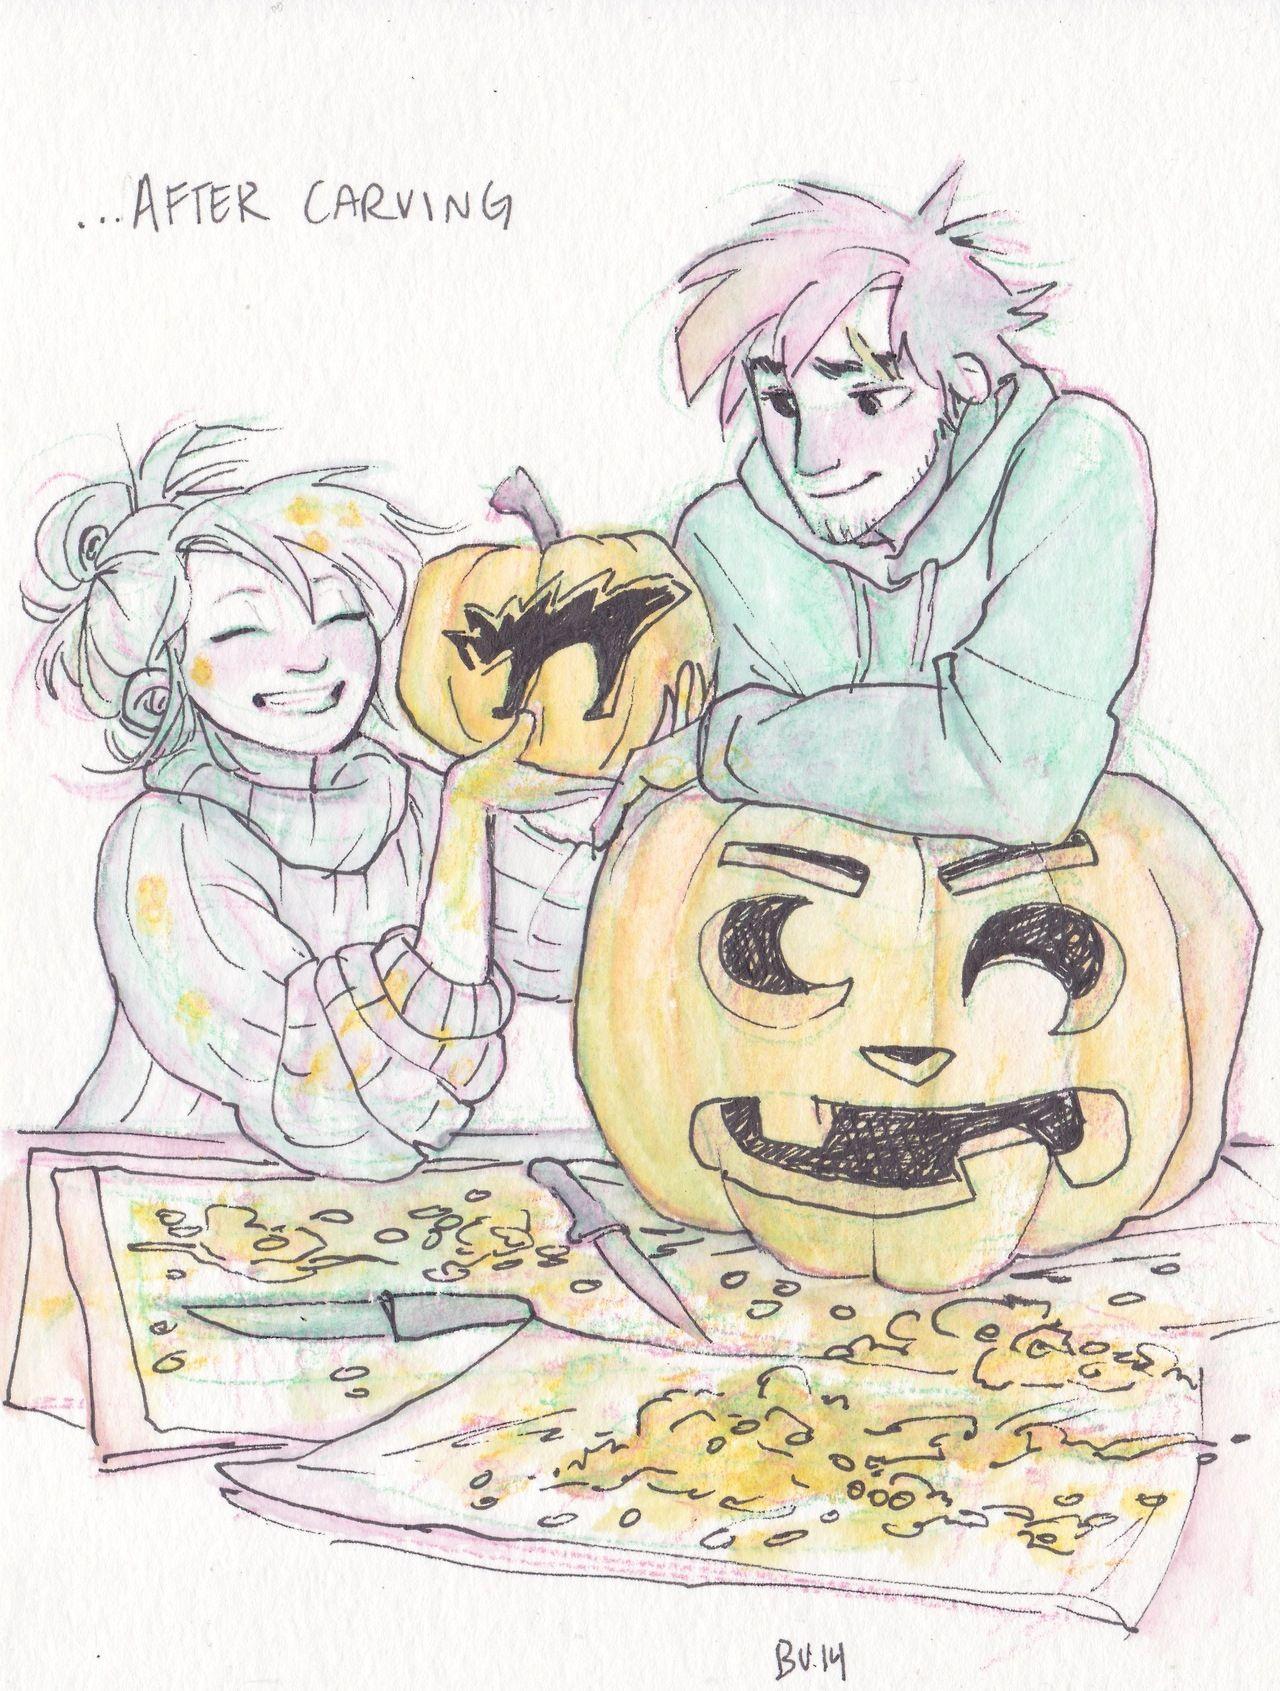 Blosper Hallowe'en, carving pumpkins (p2/2)